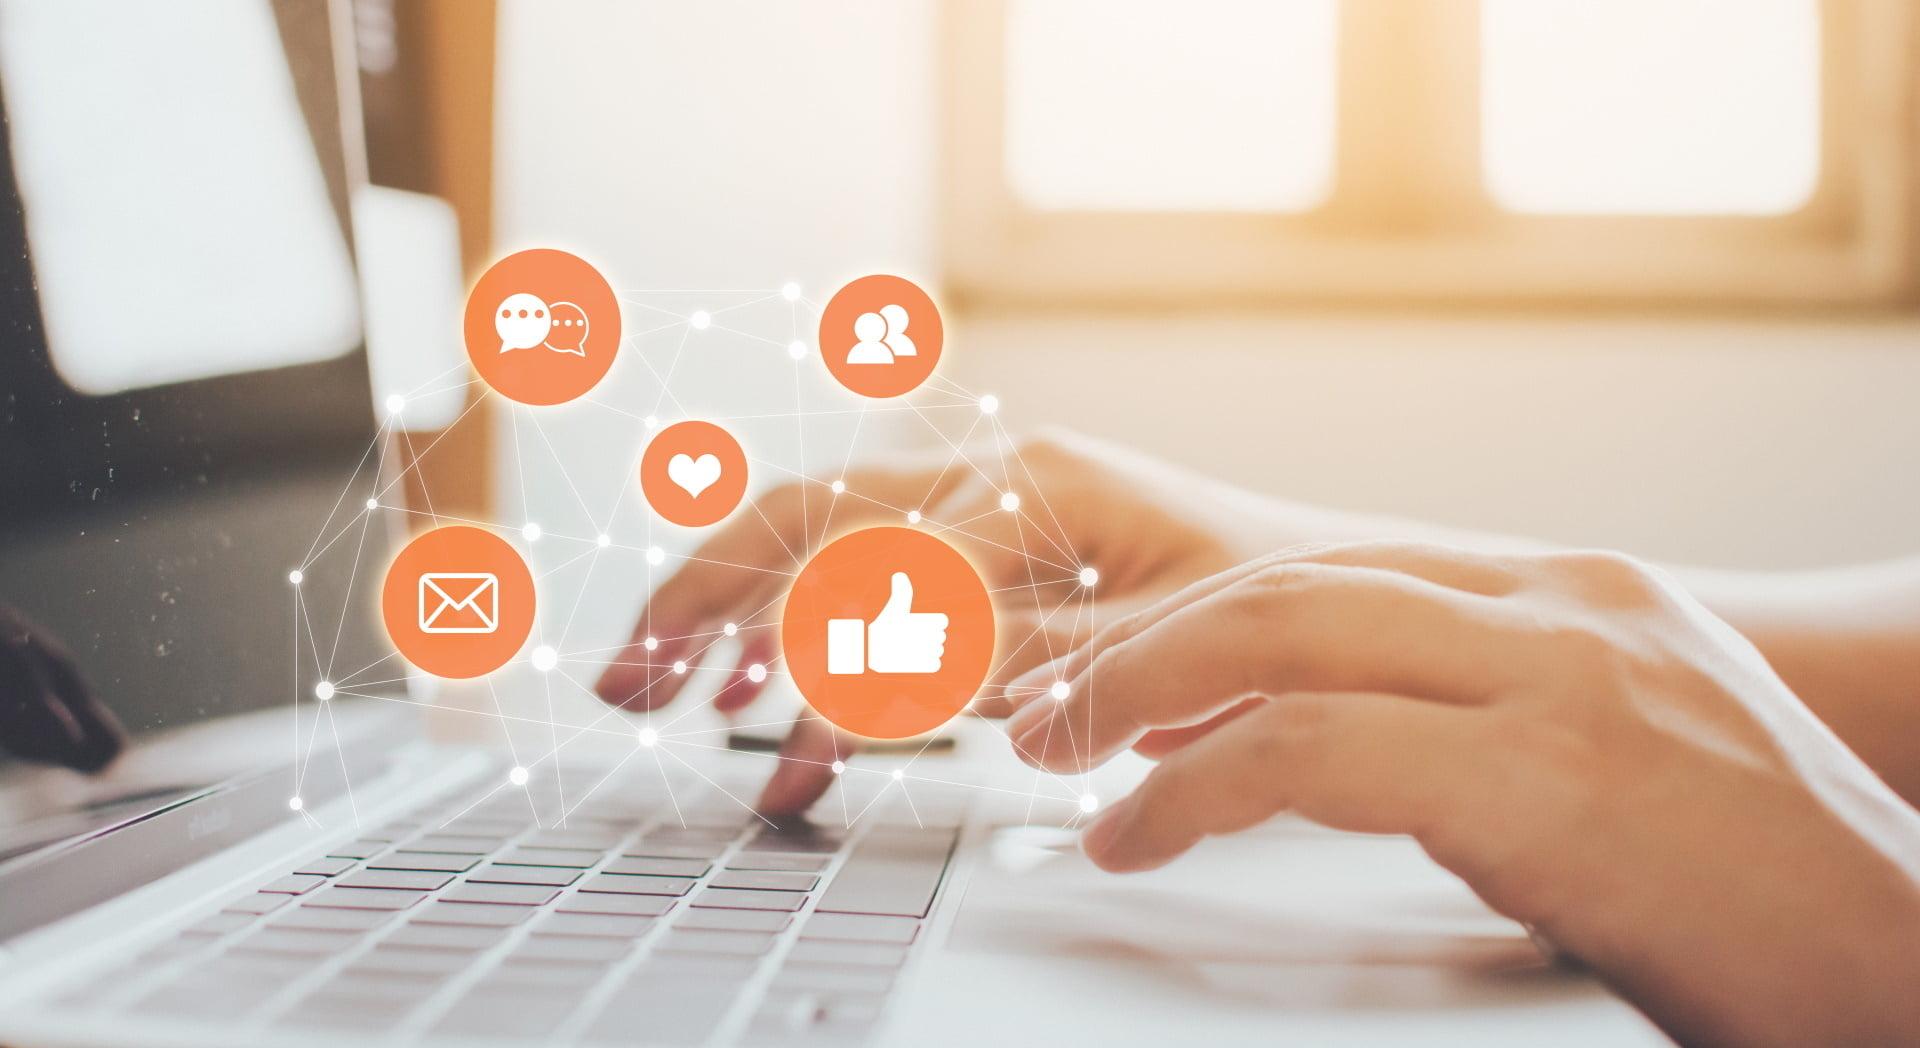 Ręce podczas pracy na laptopie, dookoła ikony mediów społecznościowych.